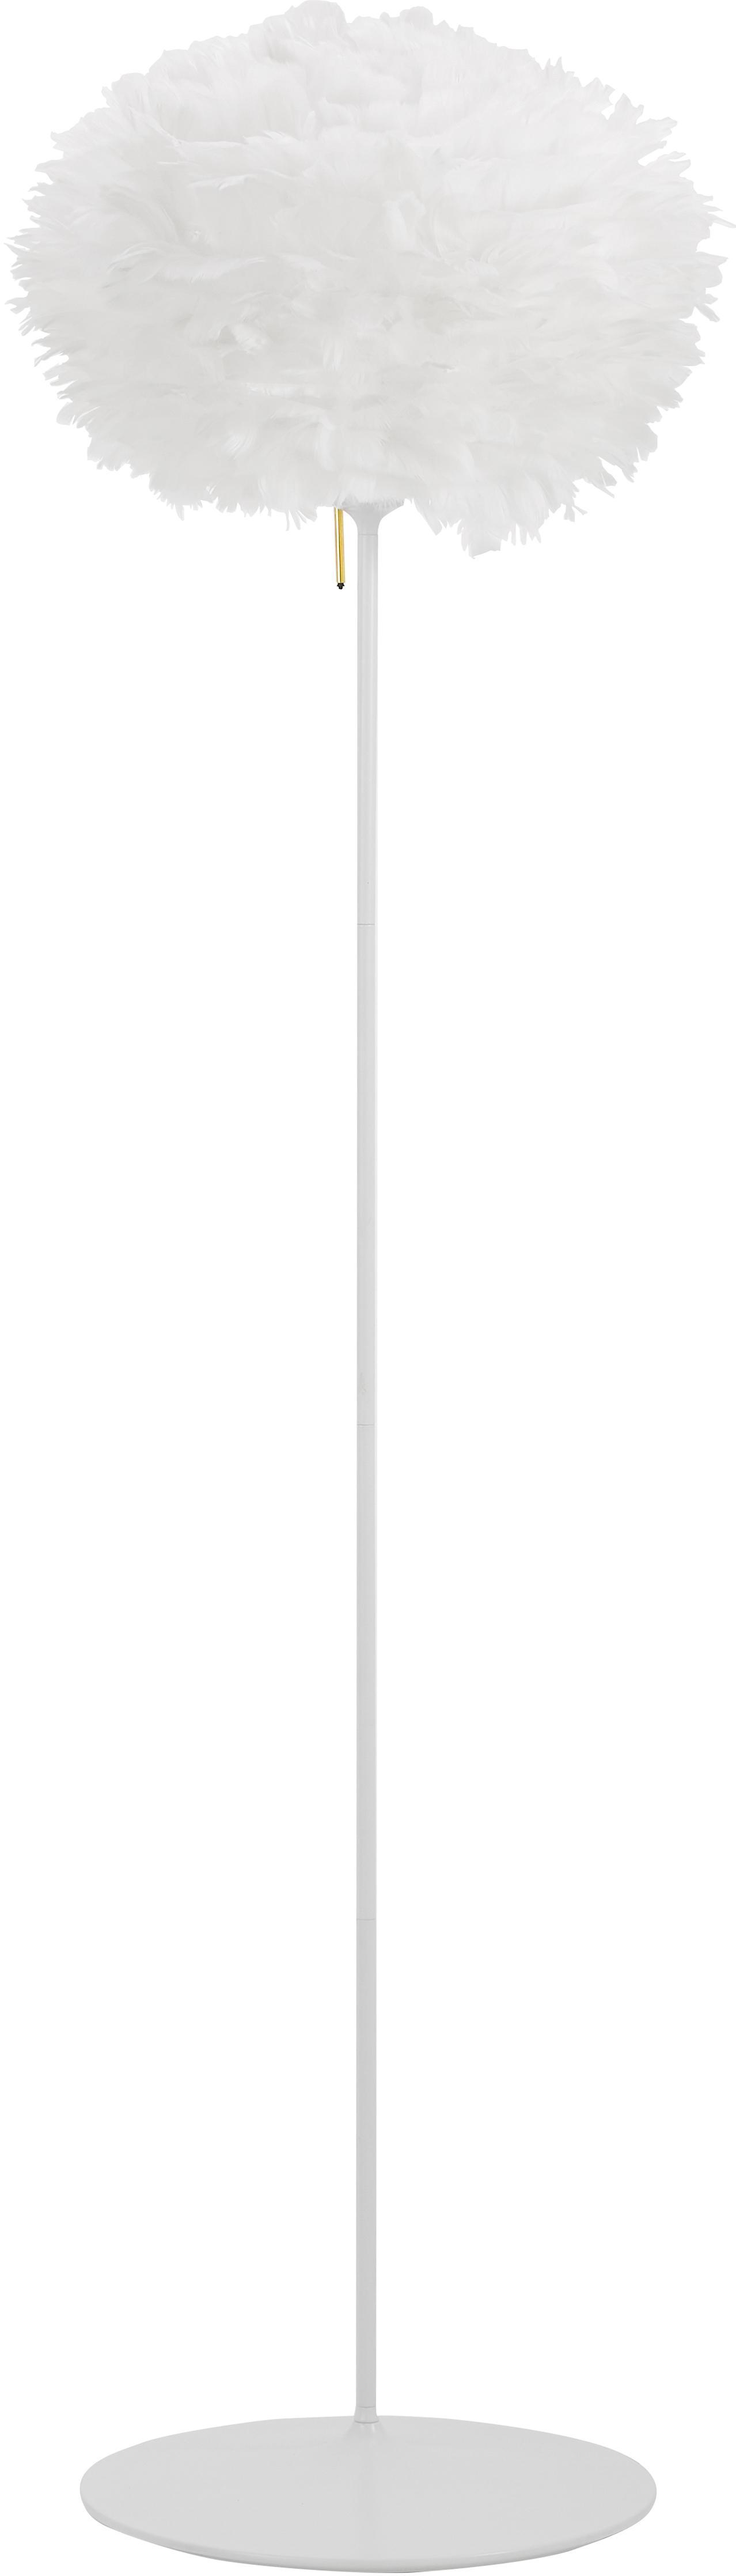 Vloerlamp Eos van veren, Lampenkap: ganzenveren, staal, Lampvoet: gelakt aluminium, Voetstuk: gelakt staal, Wit, Ø 45 x H 170 cm